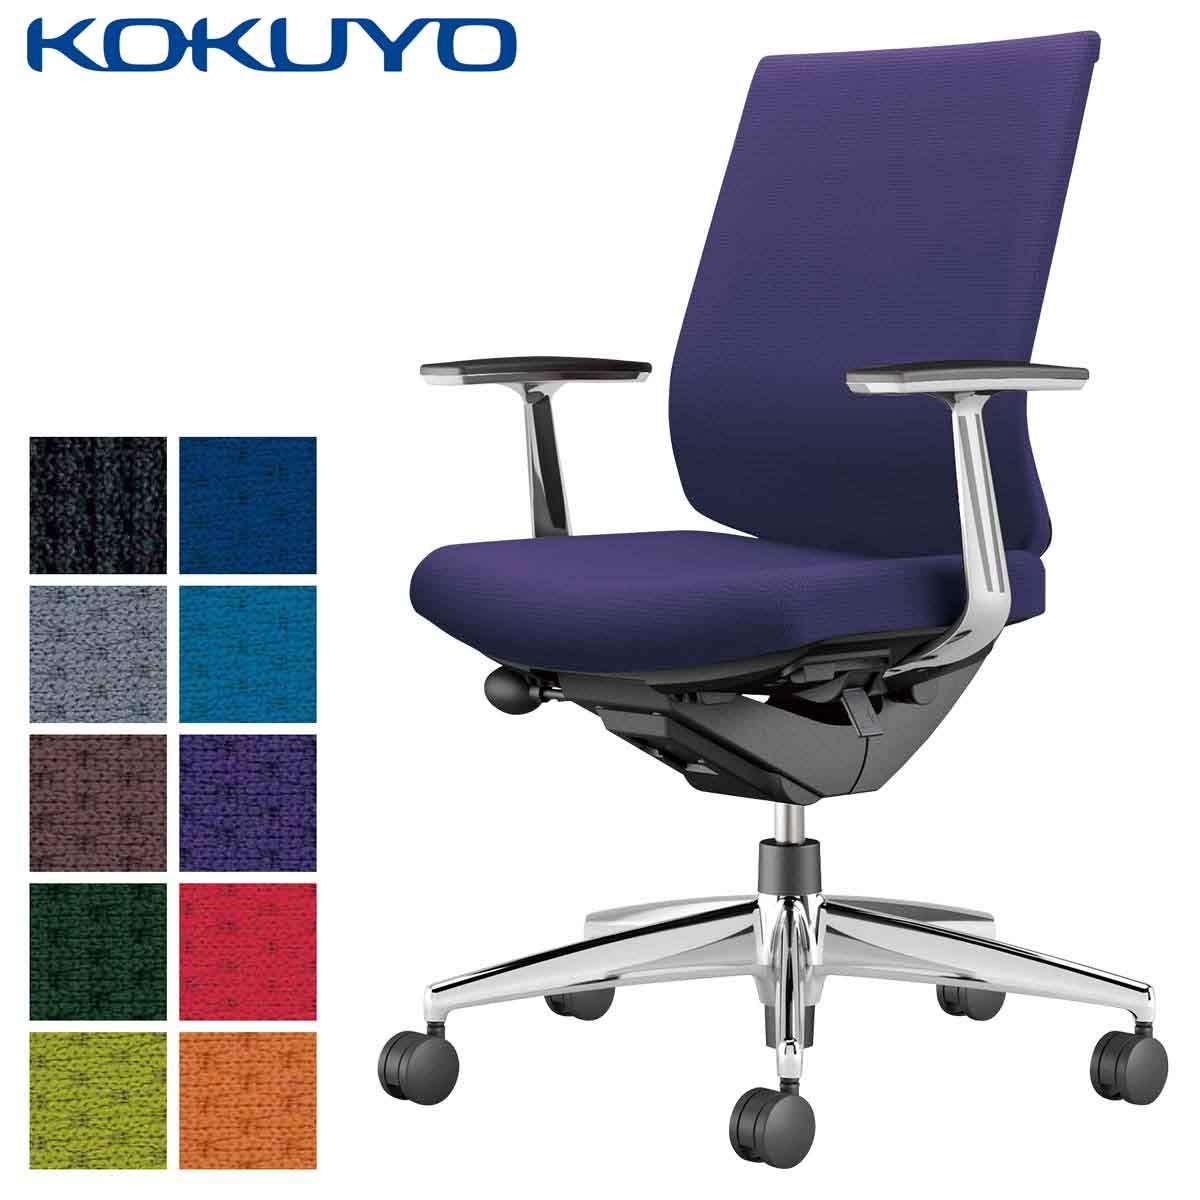 日本最大の コクヨ カーペット用キャスター デスクチェア オフィスチェア 椅子 Wizard3 ウィザード3 椅子 CR-A3661F6 -w アルミ肘 ブラックシェル アルミポリッシュ脚 -w カーペット用キャスター, サカホギチョウ:108cc05e --- odishashines.com